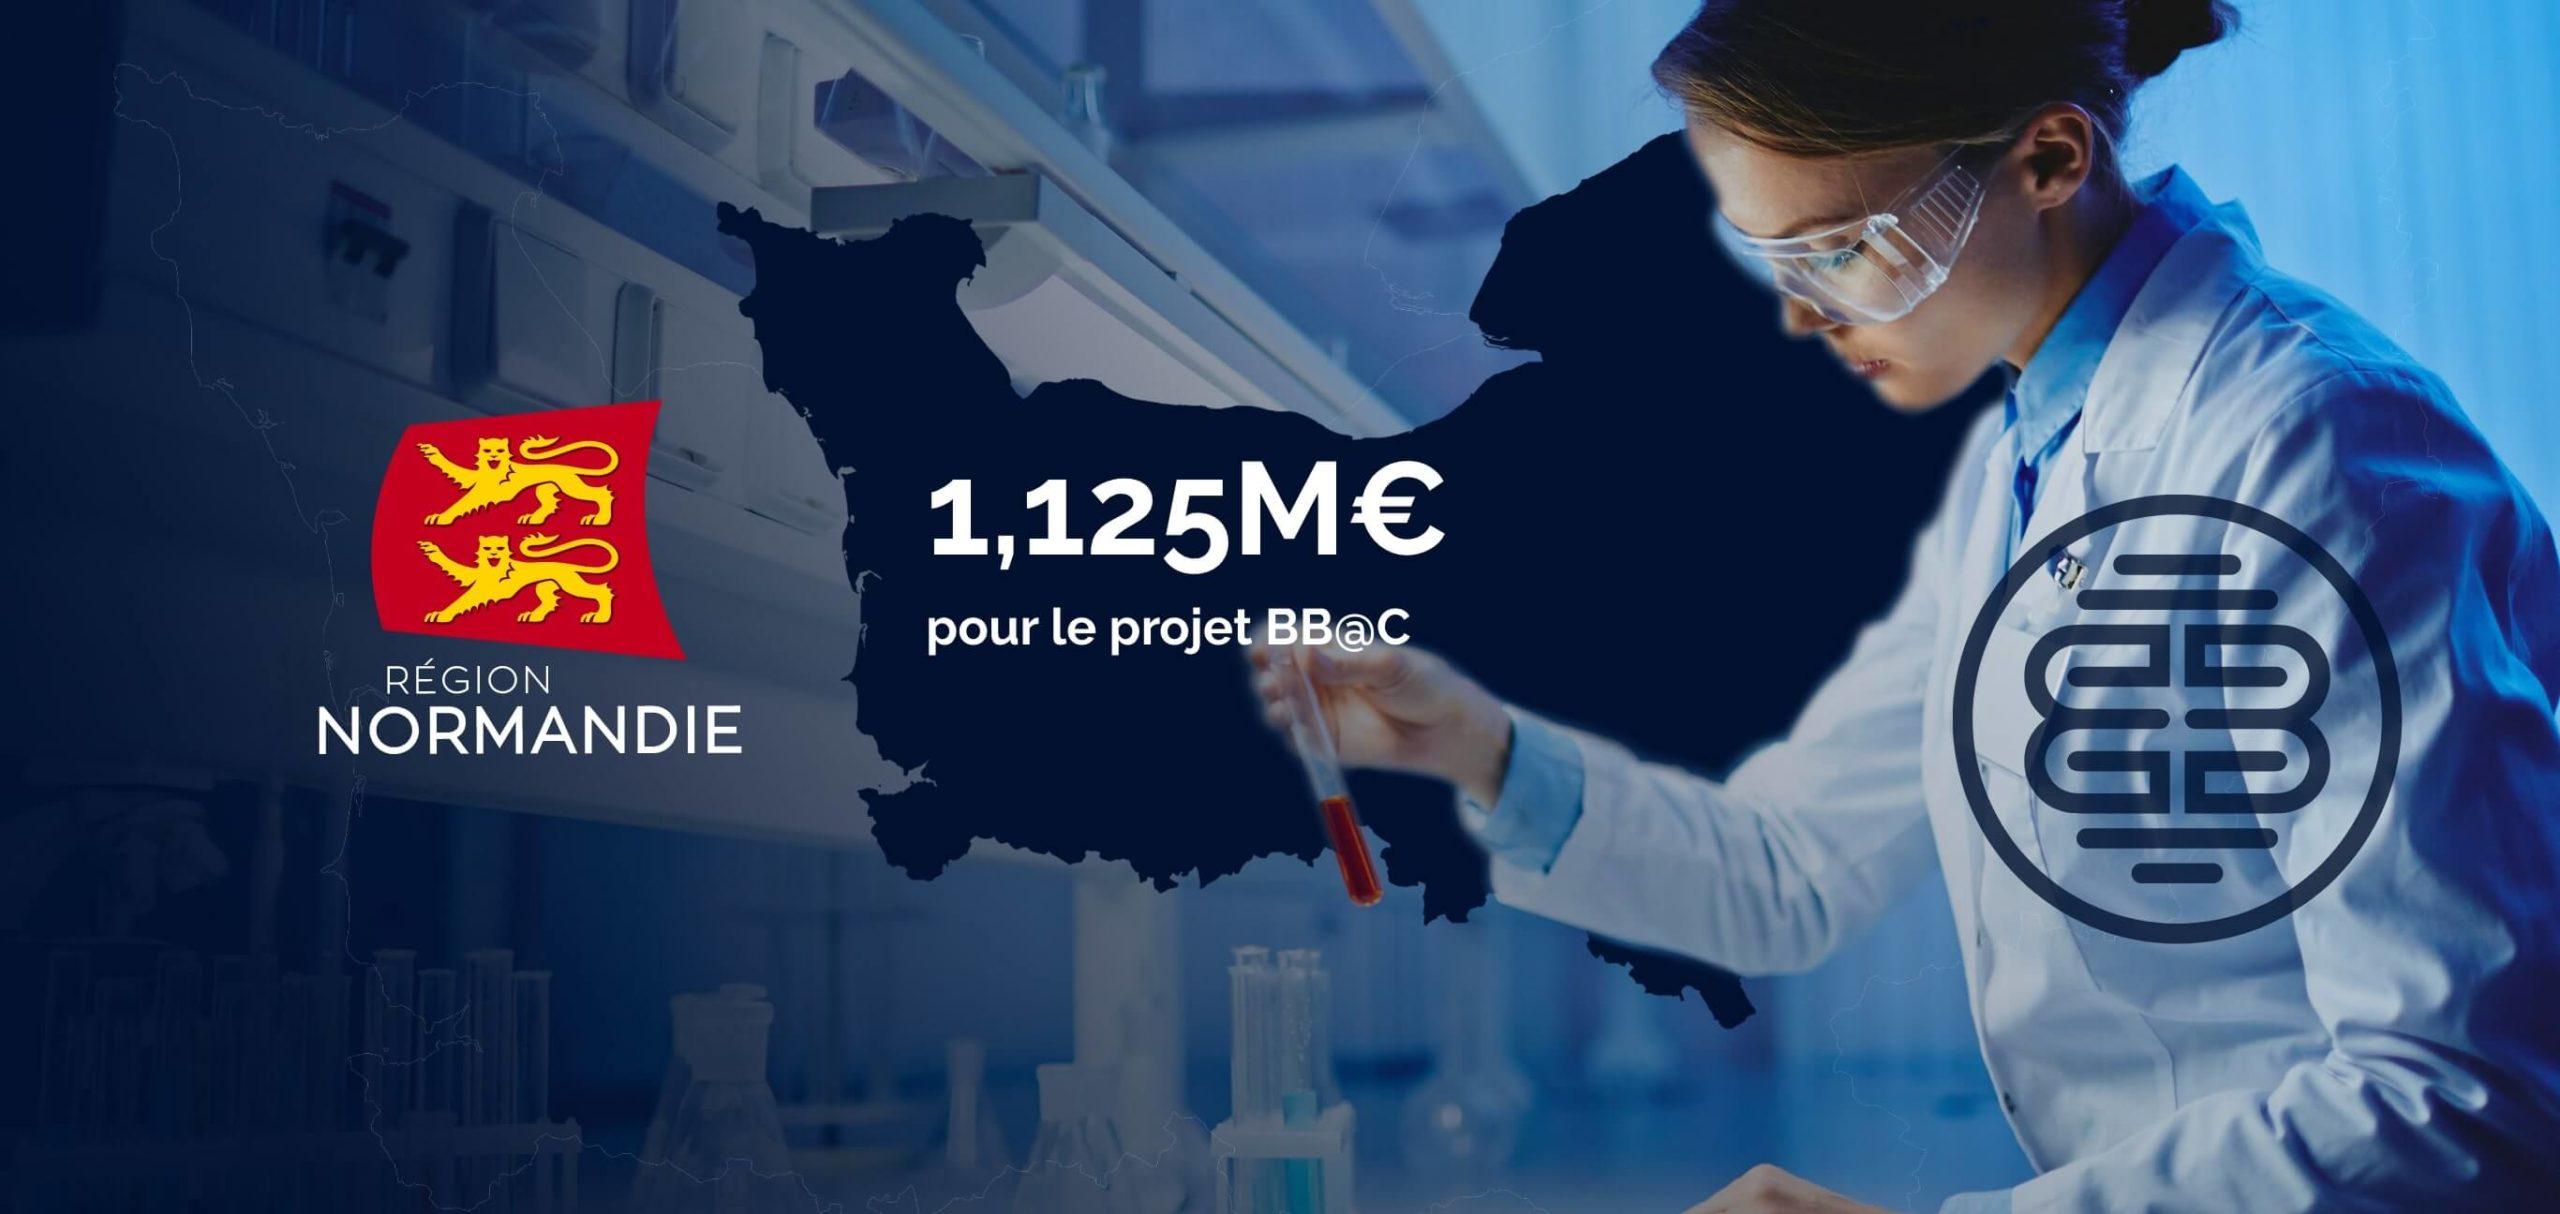 region-normandie-recherche-bbac